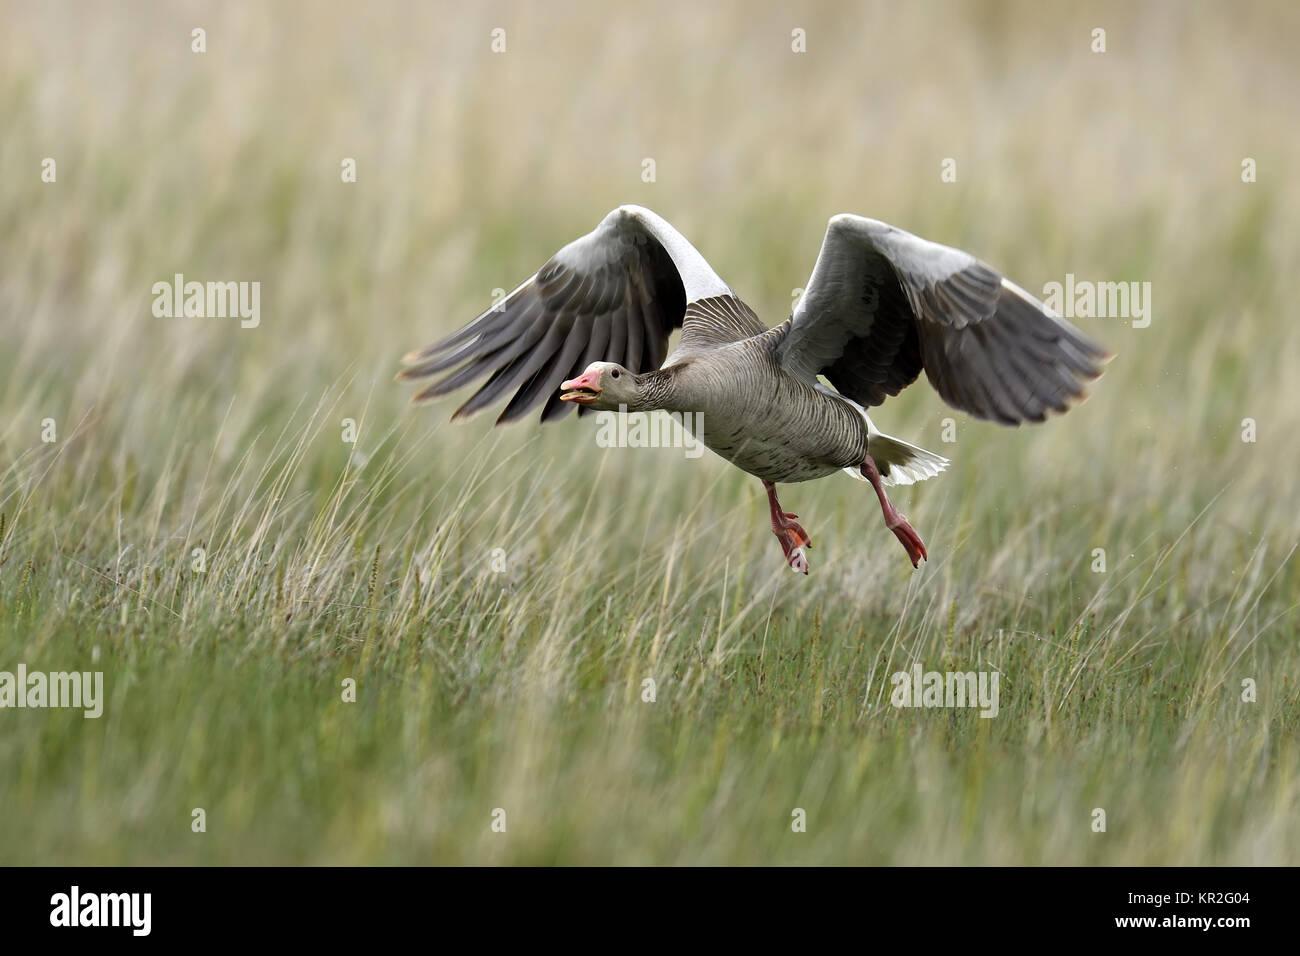 Graylag goose (Anser anser), llegando a través de la pradera, Parque Nacional Kiskunsag, Hungría Imagen De Stock